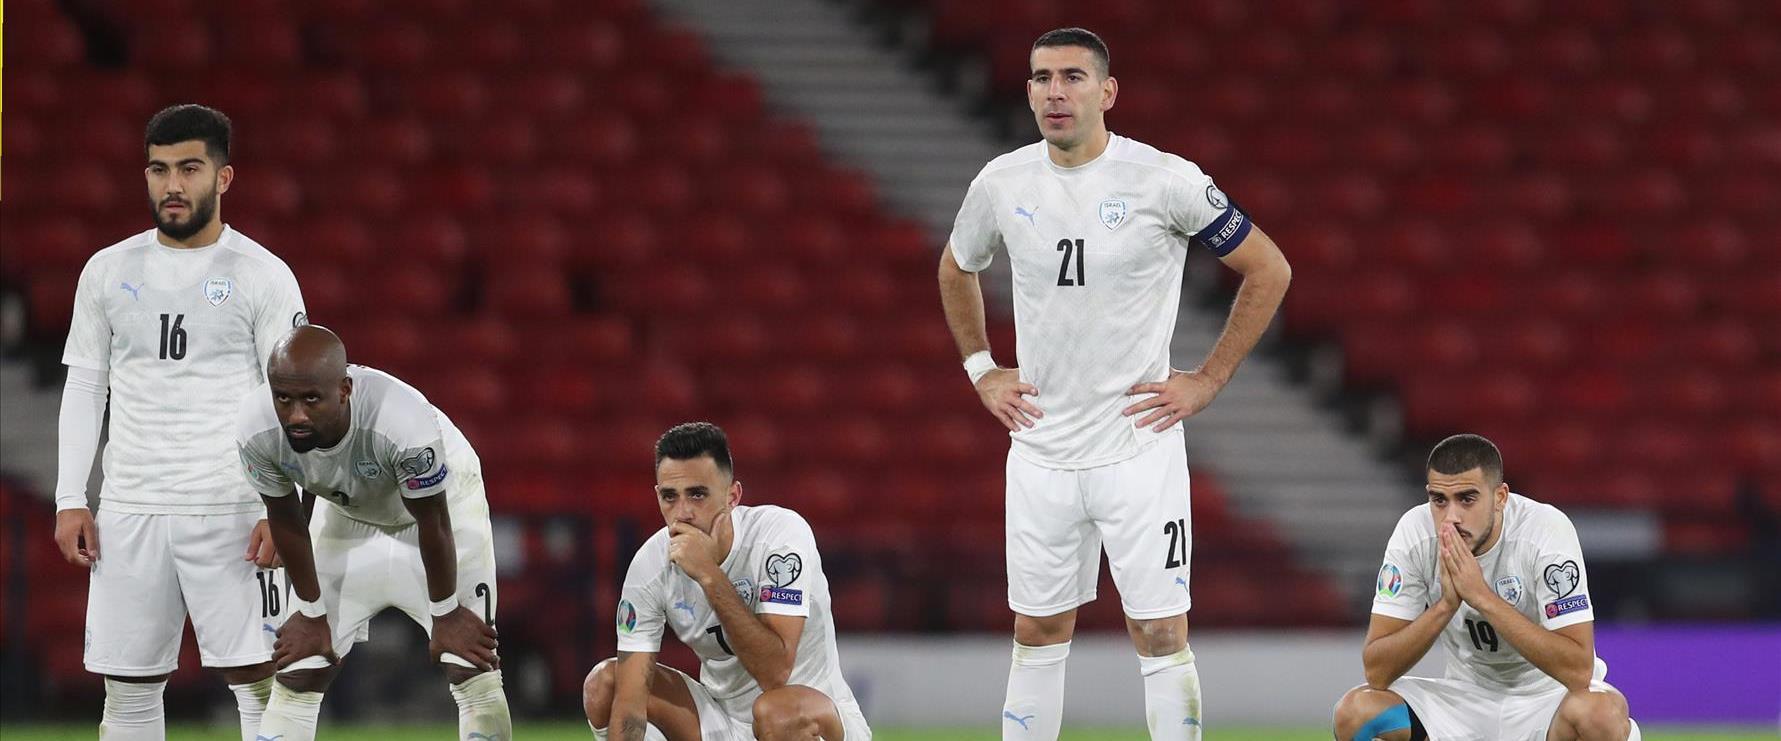 נבחרת ישראל במשחקה מול סקוטלד באוקטובר